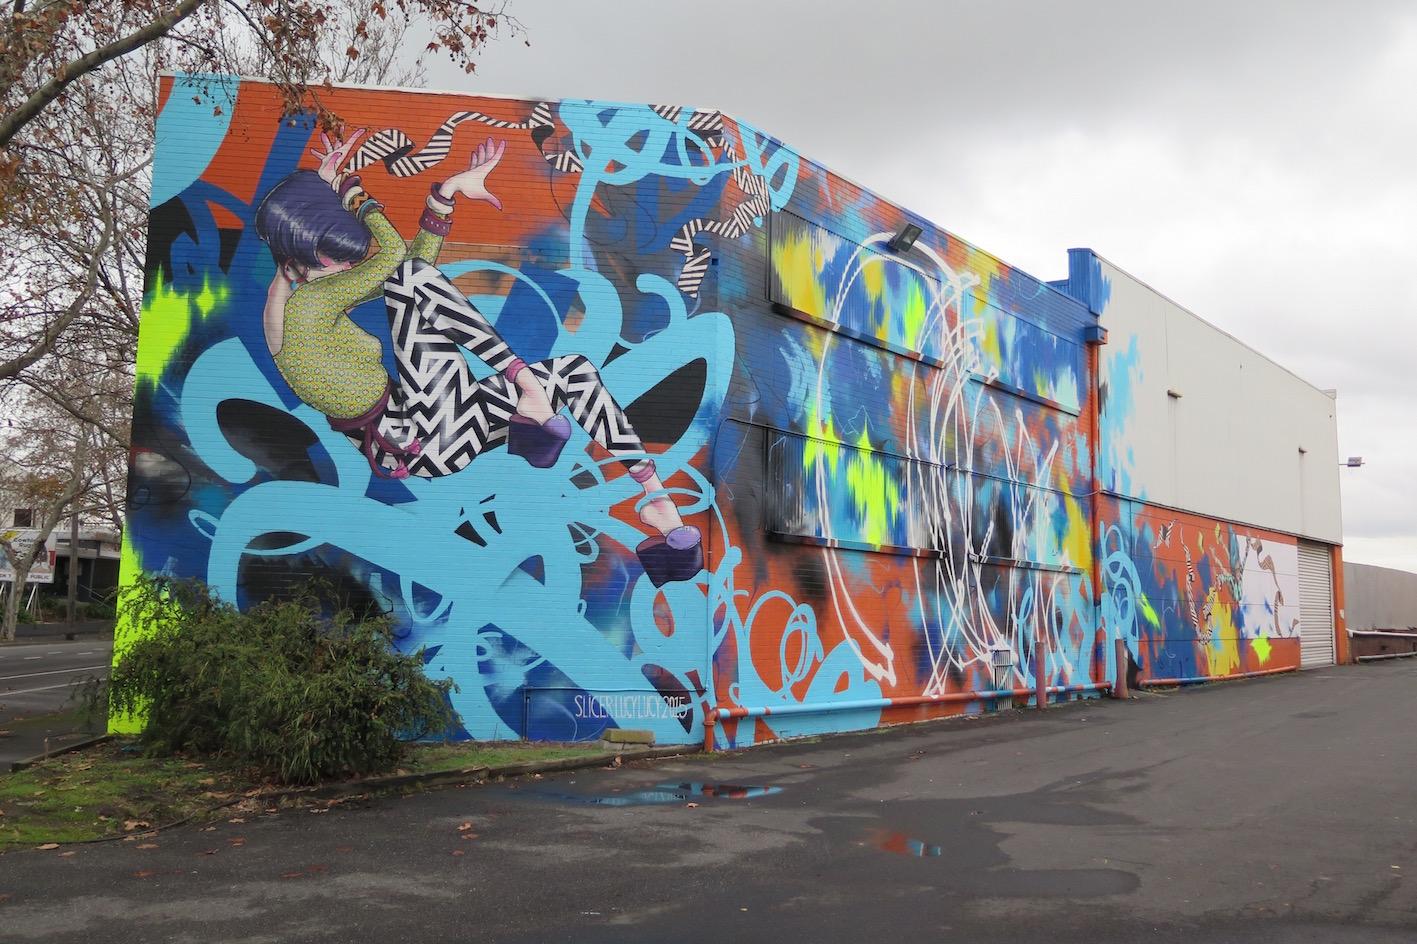 deansunshine_landofsunshine_melbourne_streetart_graffiti_invurt top ten 51 3 Lucy Lucy Slicer